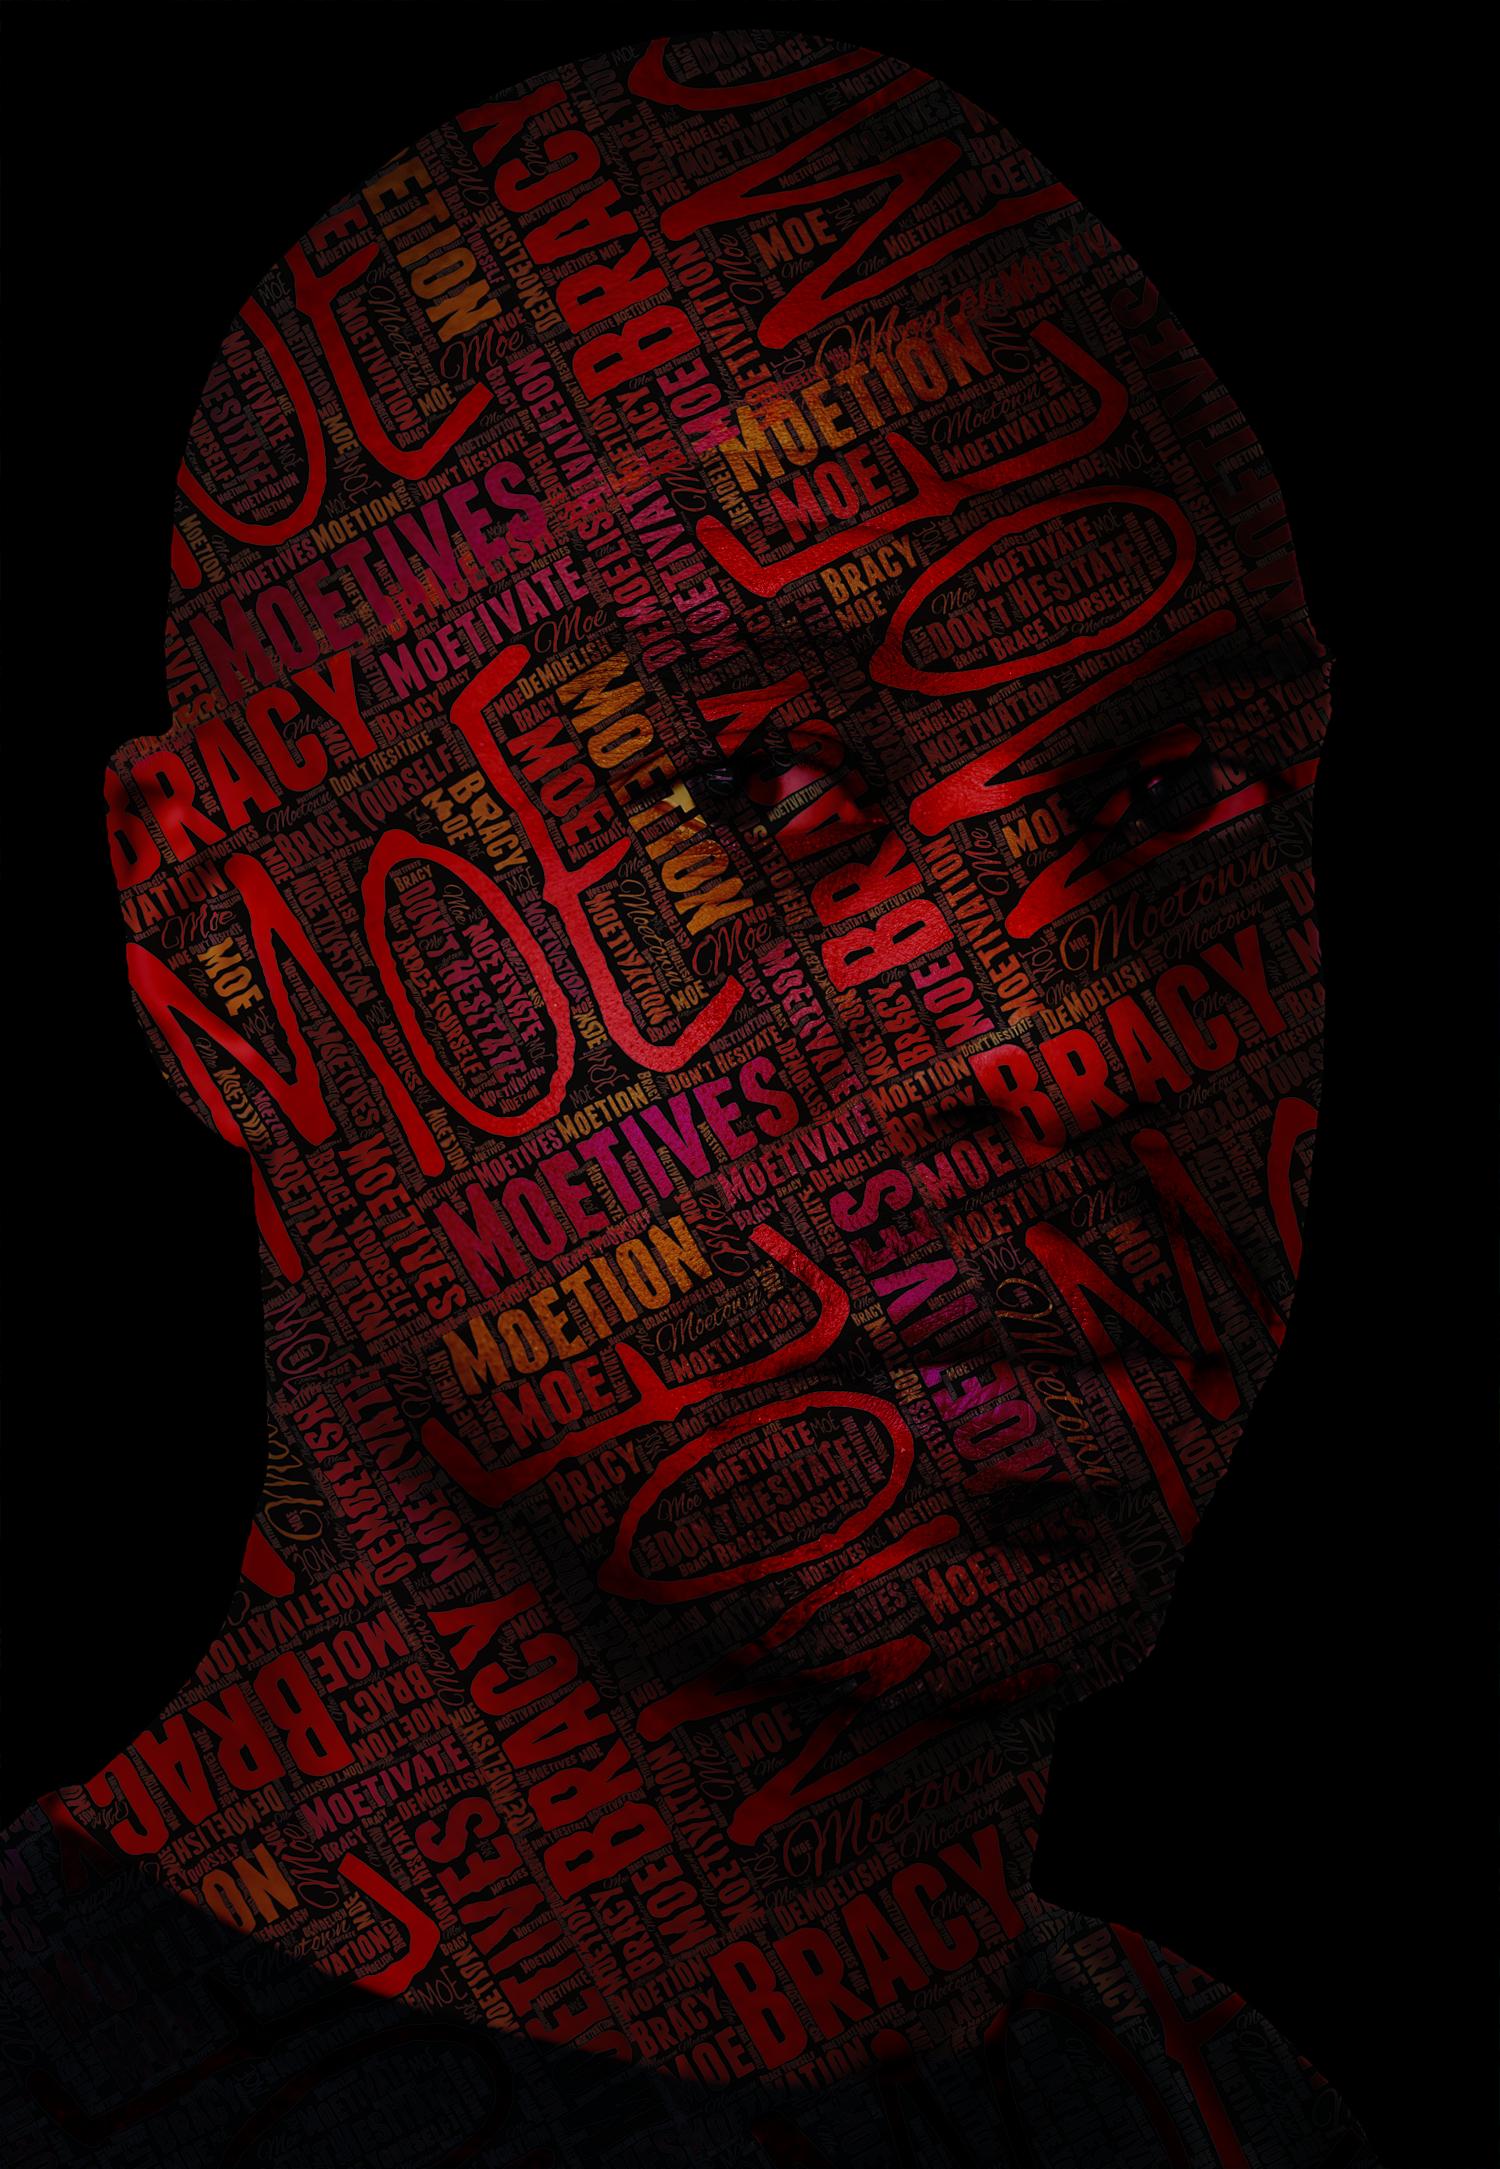 Text Portrait - Moe